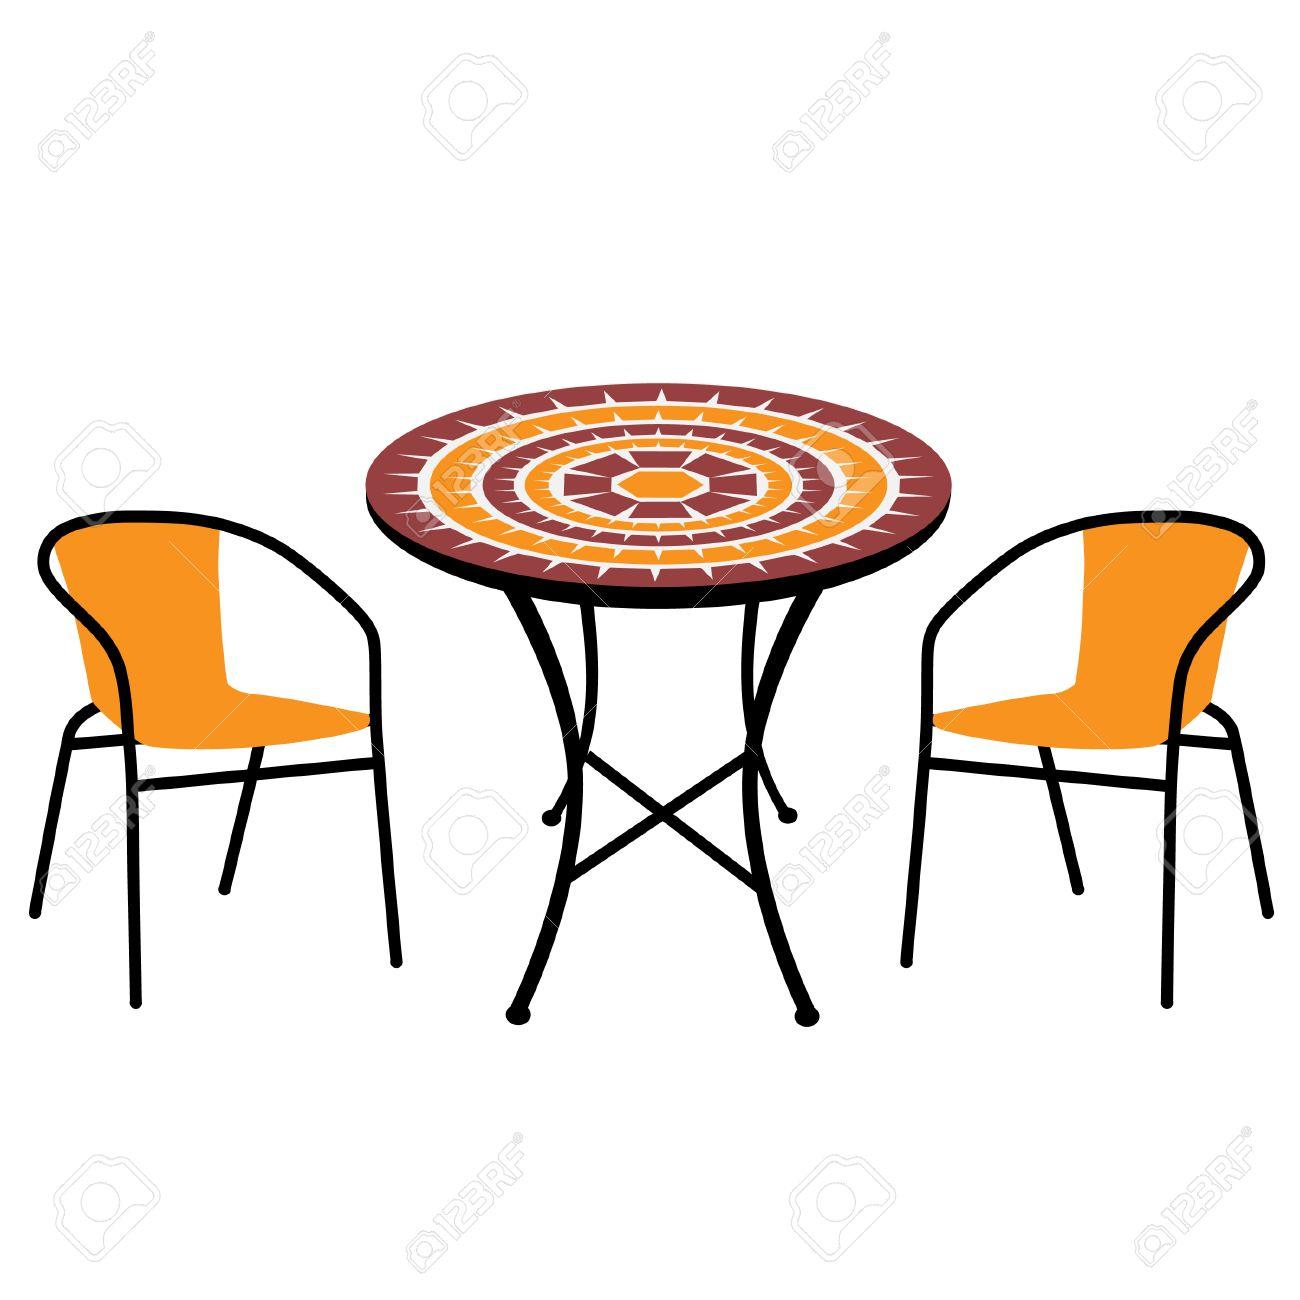 Table De Jardin Et Chaises Vintage Isolé, Table Ronde Et Des Chaises ...